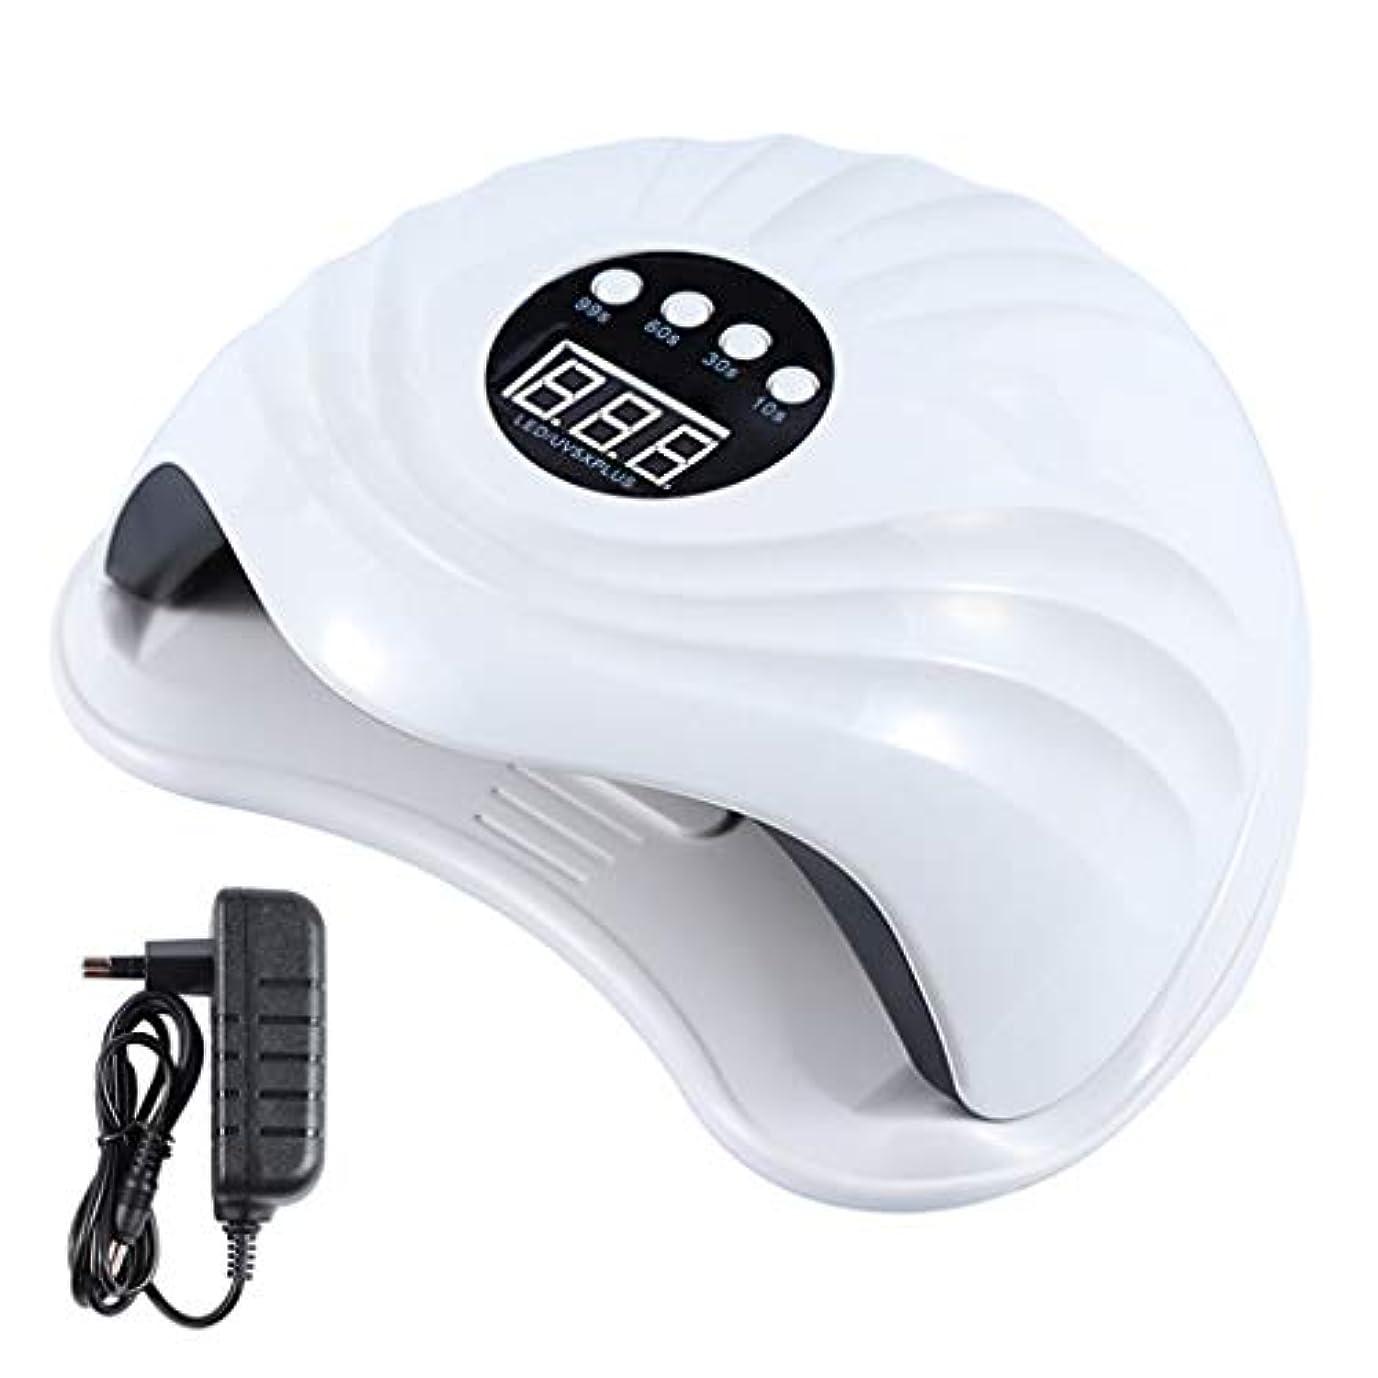 用量ジャンクションポルノYHSUNN Sun5x Plus UVネイルセラピーマシンランプライト108ワット36 LEDタイマーレスマニキュアツール付き痛みのないセラピージェルポリッシュドライヤー